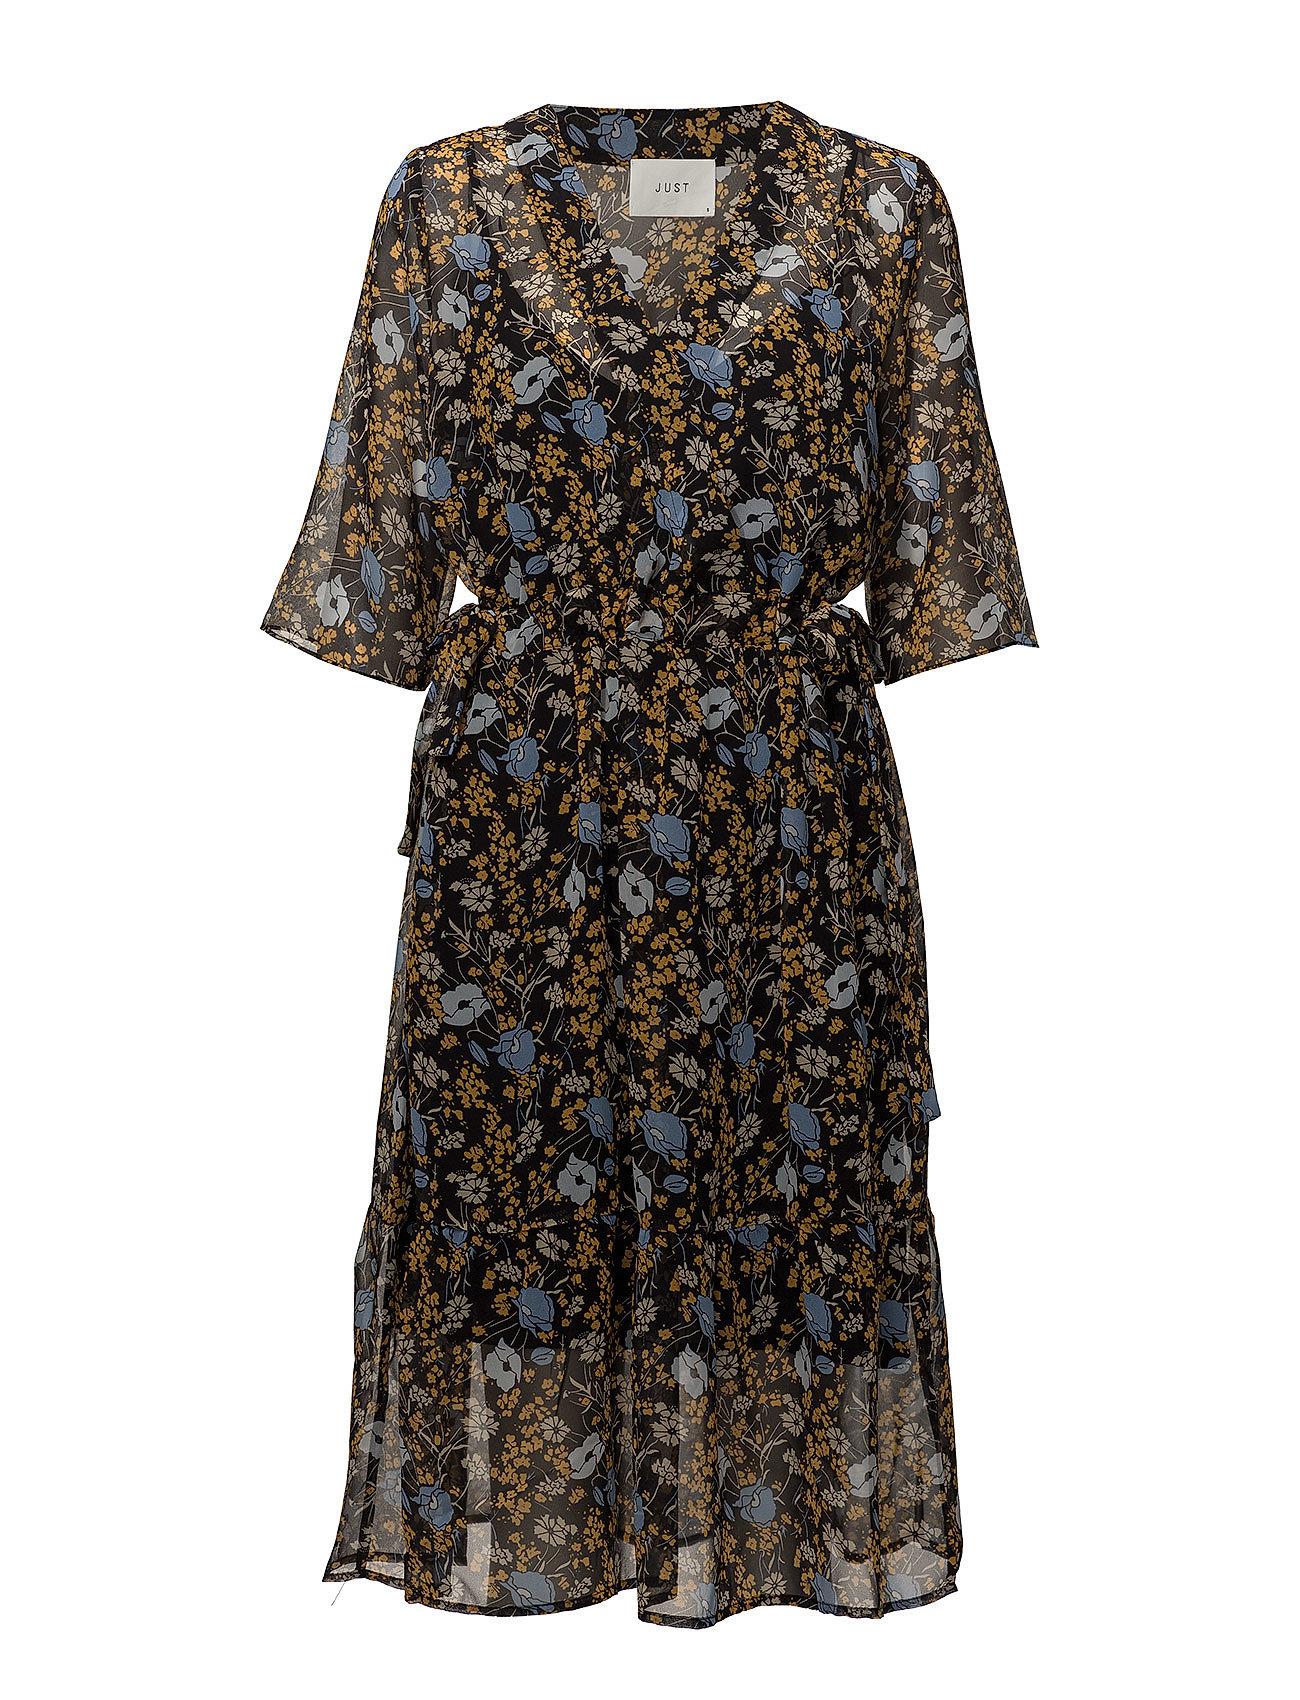 Image of Antonin Dress Knælang Kjole Sort JUST FEMALE (3067534467)